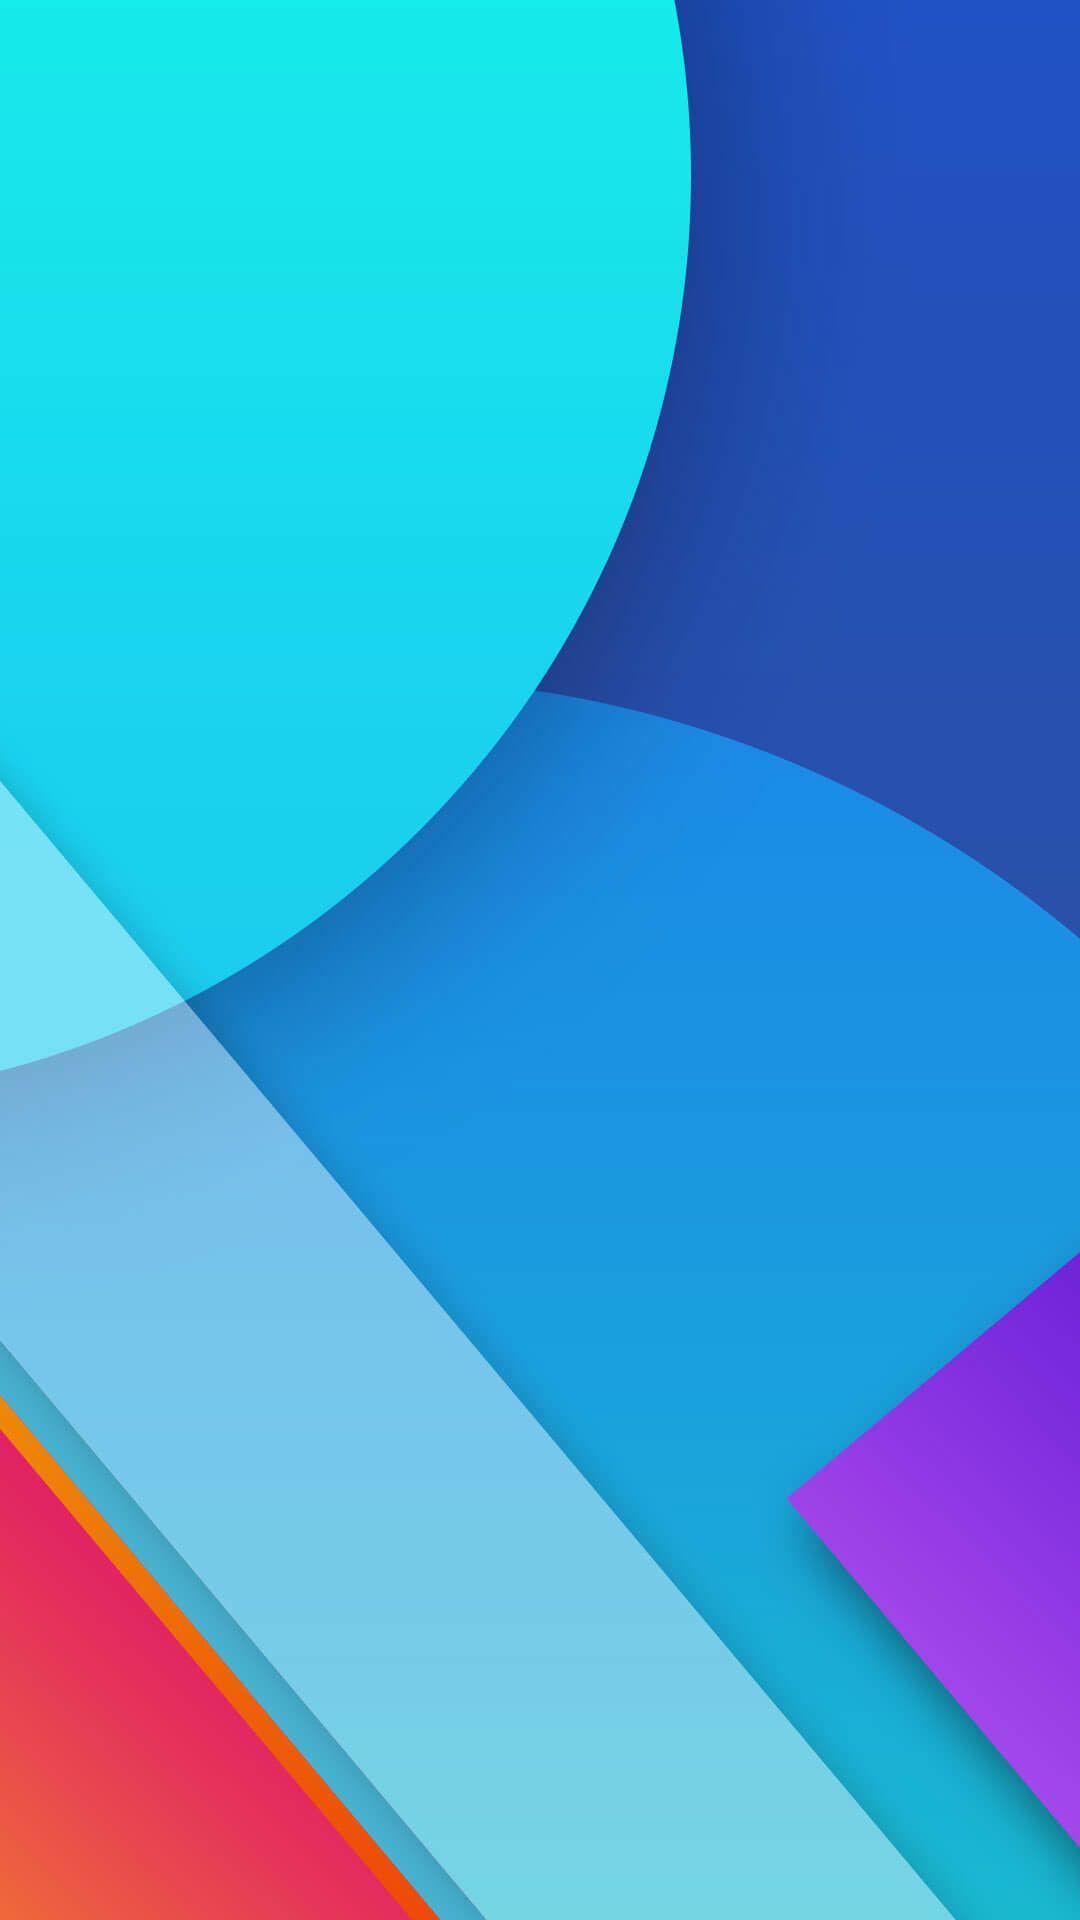 Wallpaper Nexus 5